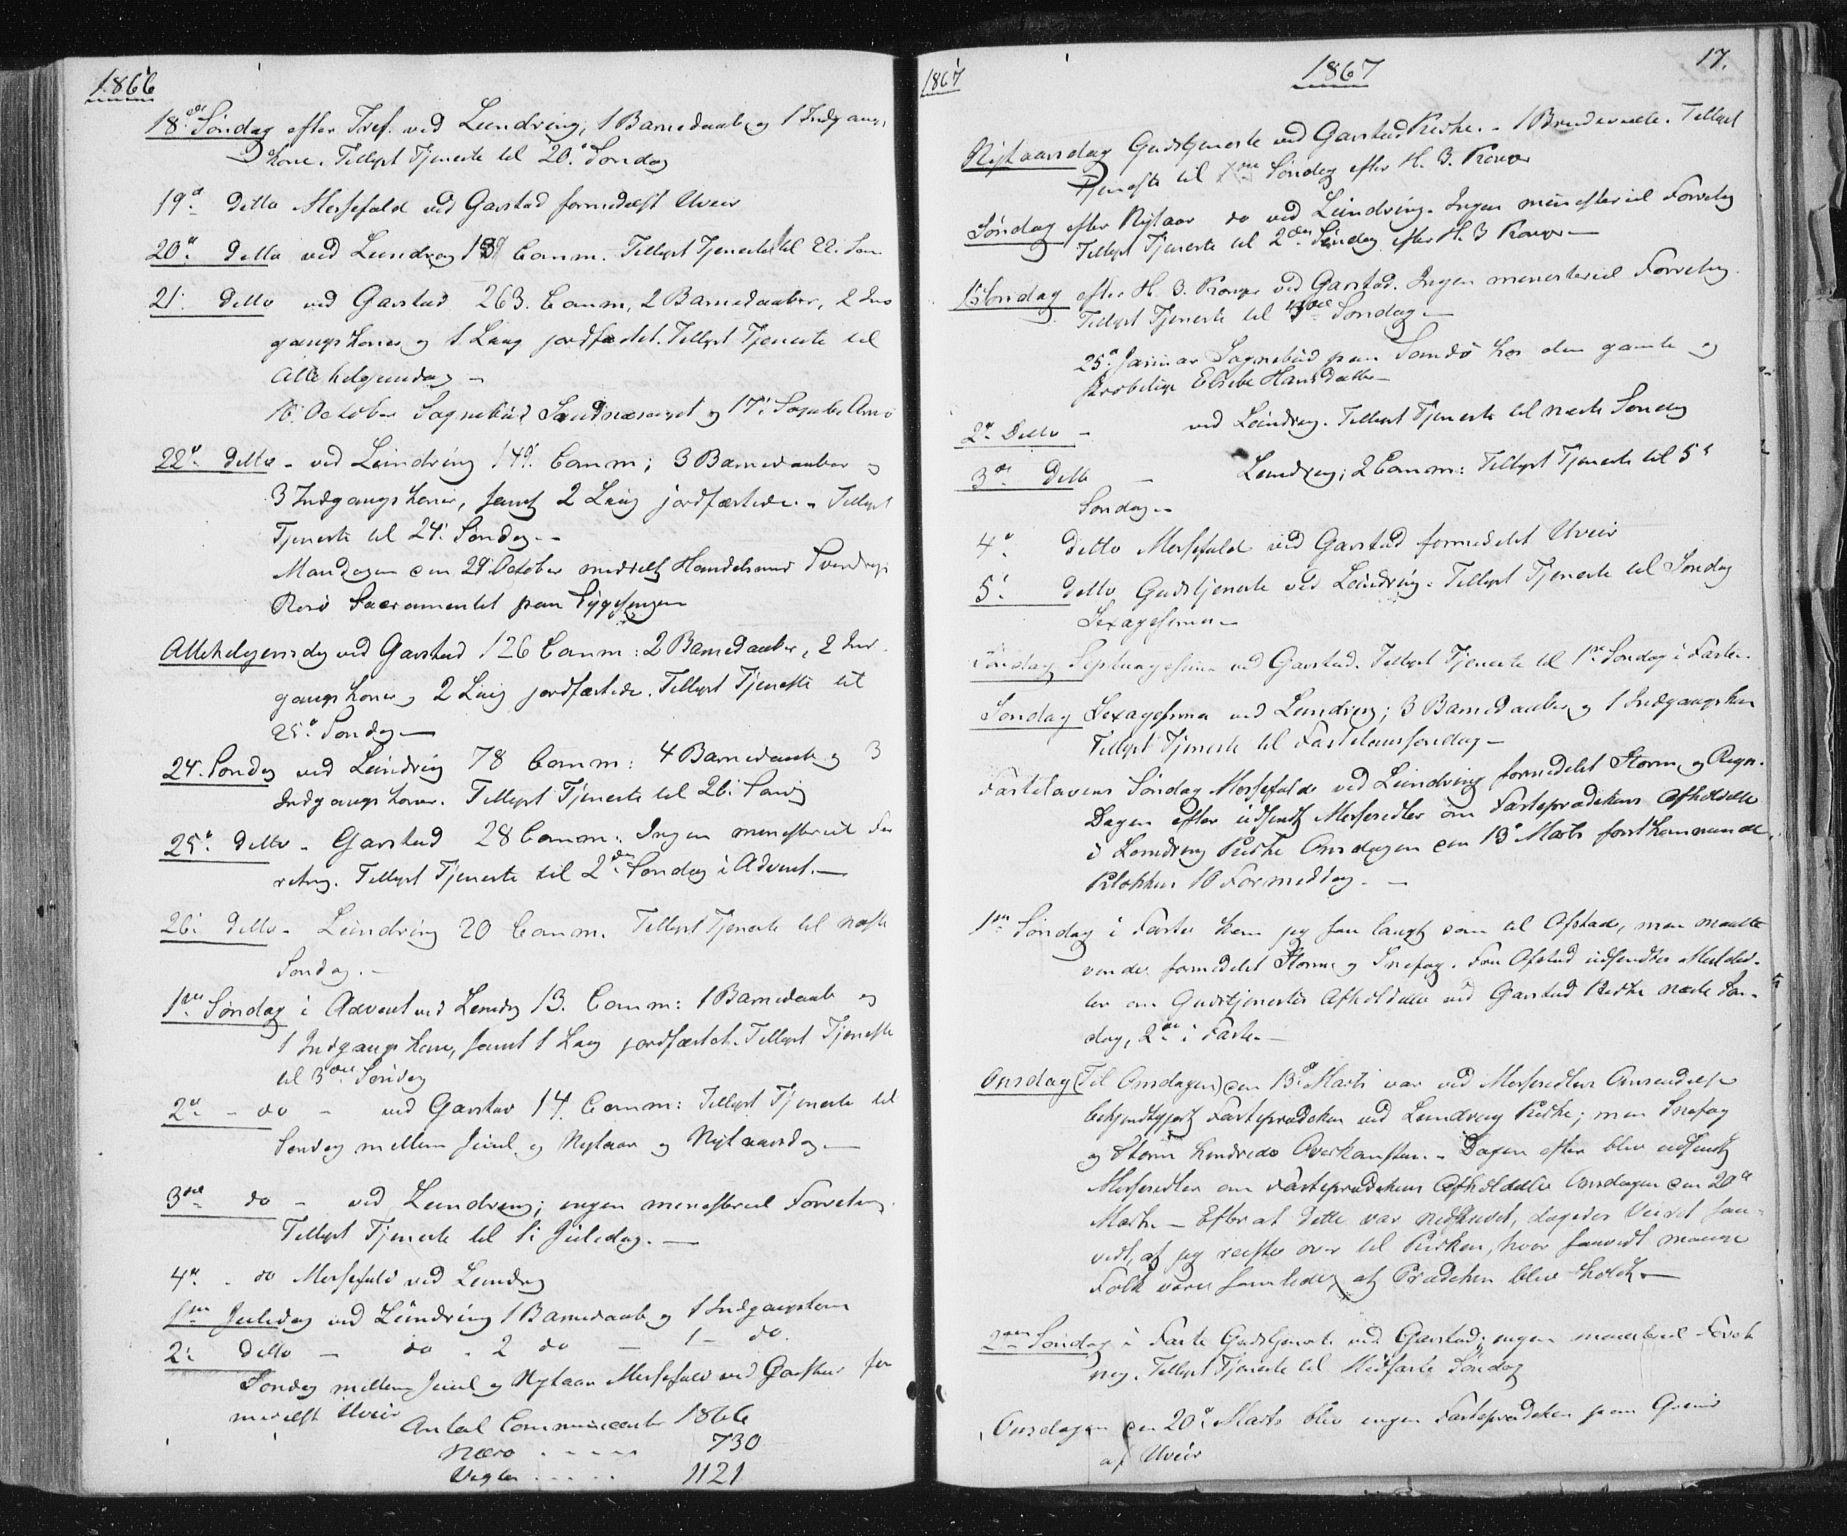 SAT, Ministerialprotokoller, klokkerbøker og fødselsregistre - Nord-Trøndelag, 784/L0670: Ministerialbok nr. 784A05, 1860-1876, s. 17